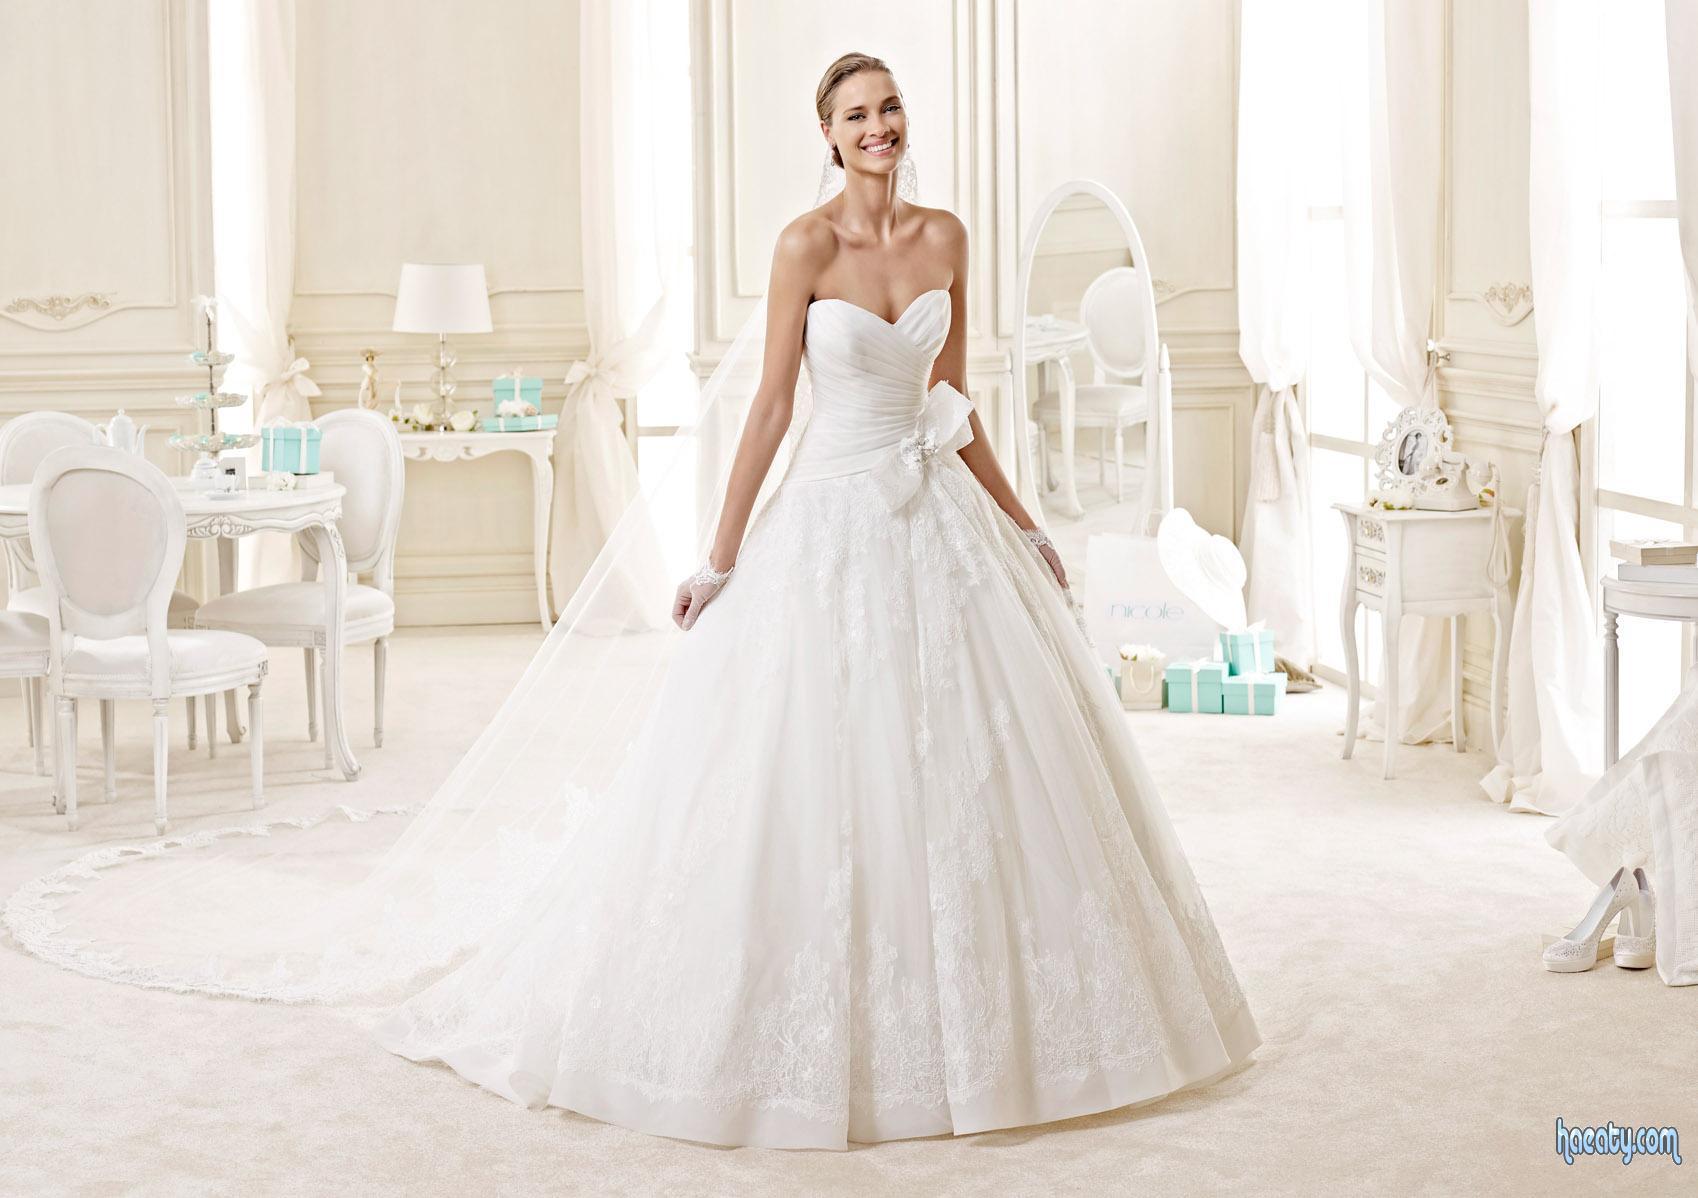 فساتين زفاف ايطاليا موضة 2015 1422356991546.jpg